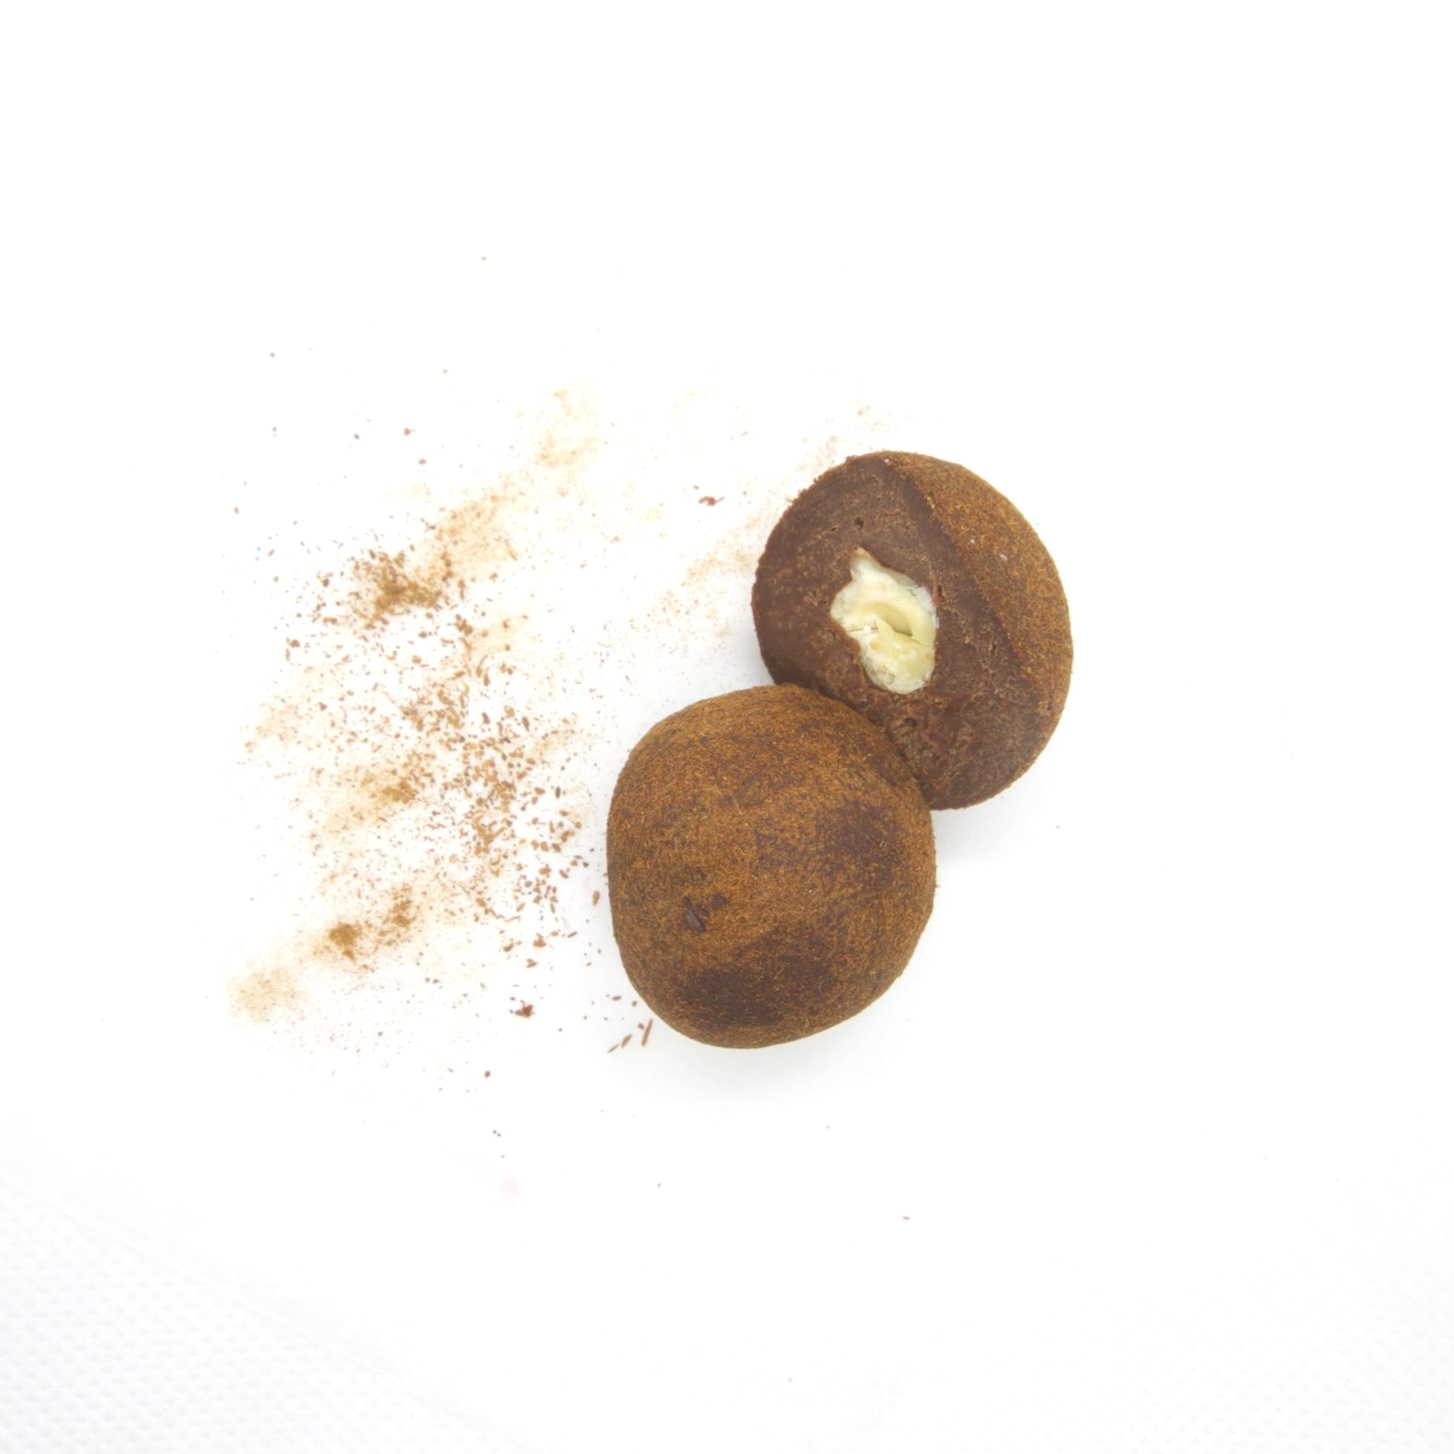 RAW VEGAN TRYFFEL - HASSELNÖT/KANEL 20/20X15G    Ingredienser:   HASSELNÖTTER*, a gave sirap*, kakaosmör*, kakaopulver*,Bourbon vanilj*, kanel*, pink Himalaya salt *= ekologisk produkt (kan innehålla spår av mandel & cashewnötter)    Näringsvärde (100g):   Energi (kj/kcal) 1773/427 Fett 34,37g varav mättad 8,34g Kolhydrater 25,47g varav sockerarter 20,55g Fibrer * 5,47g Protein 5,72g Salt 0,16g